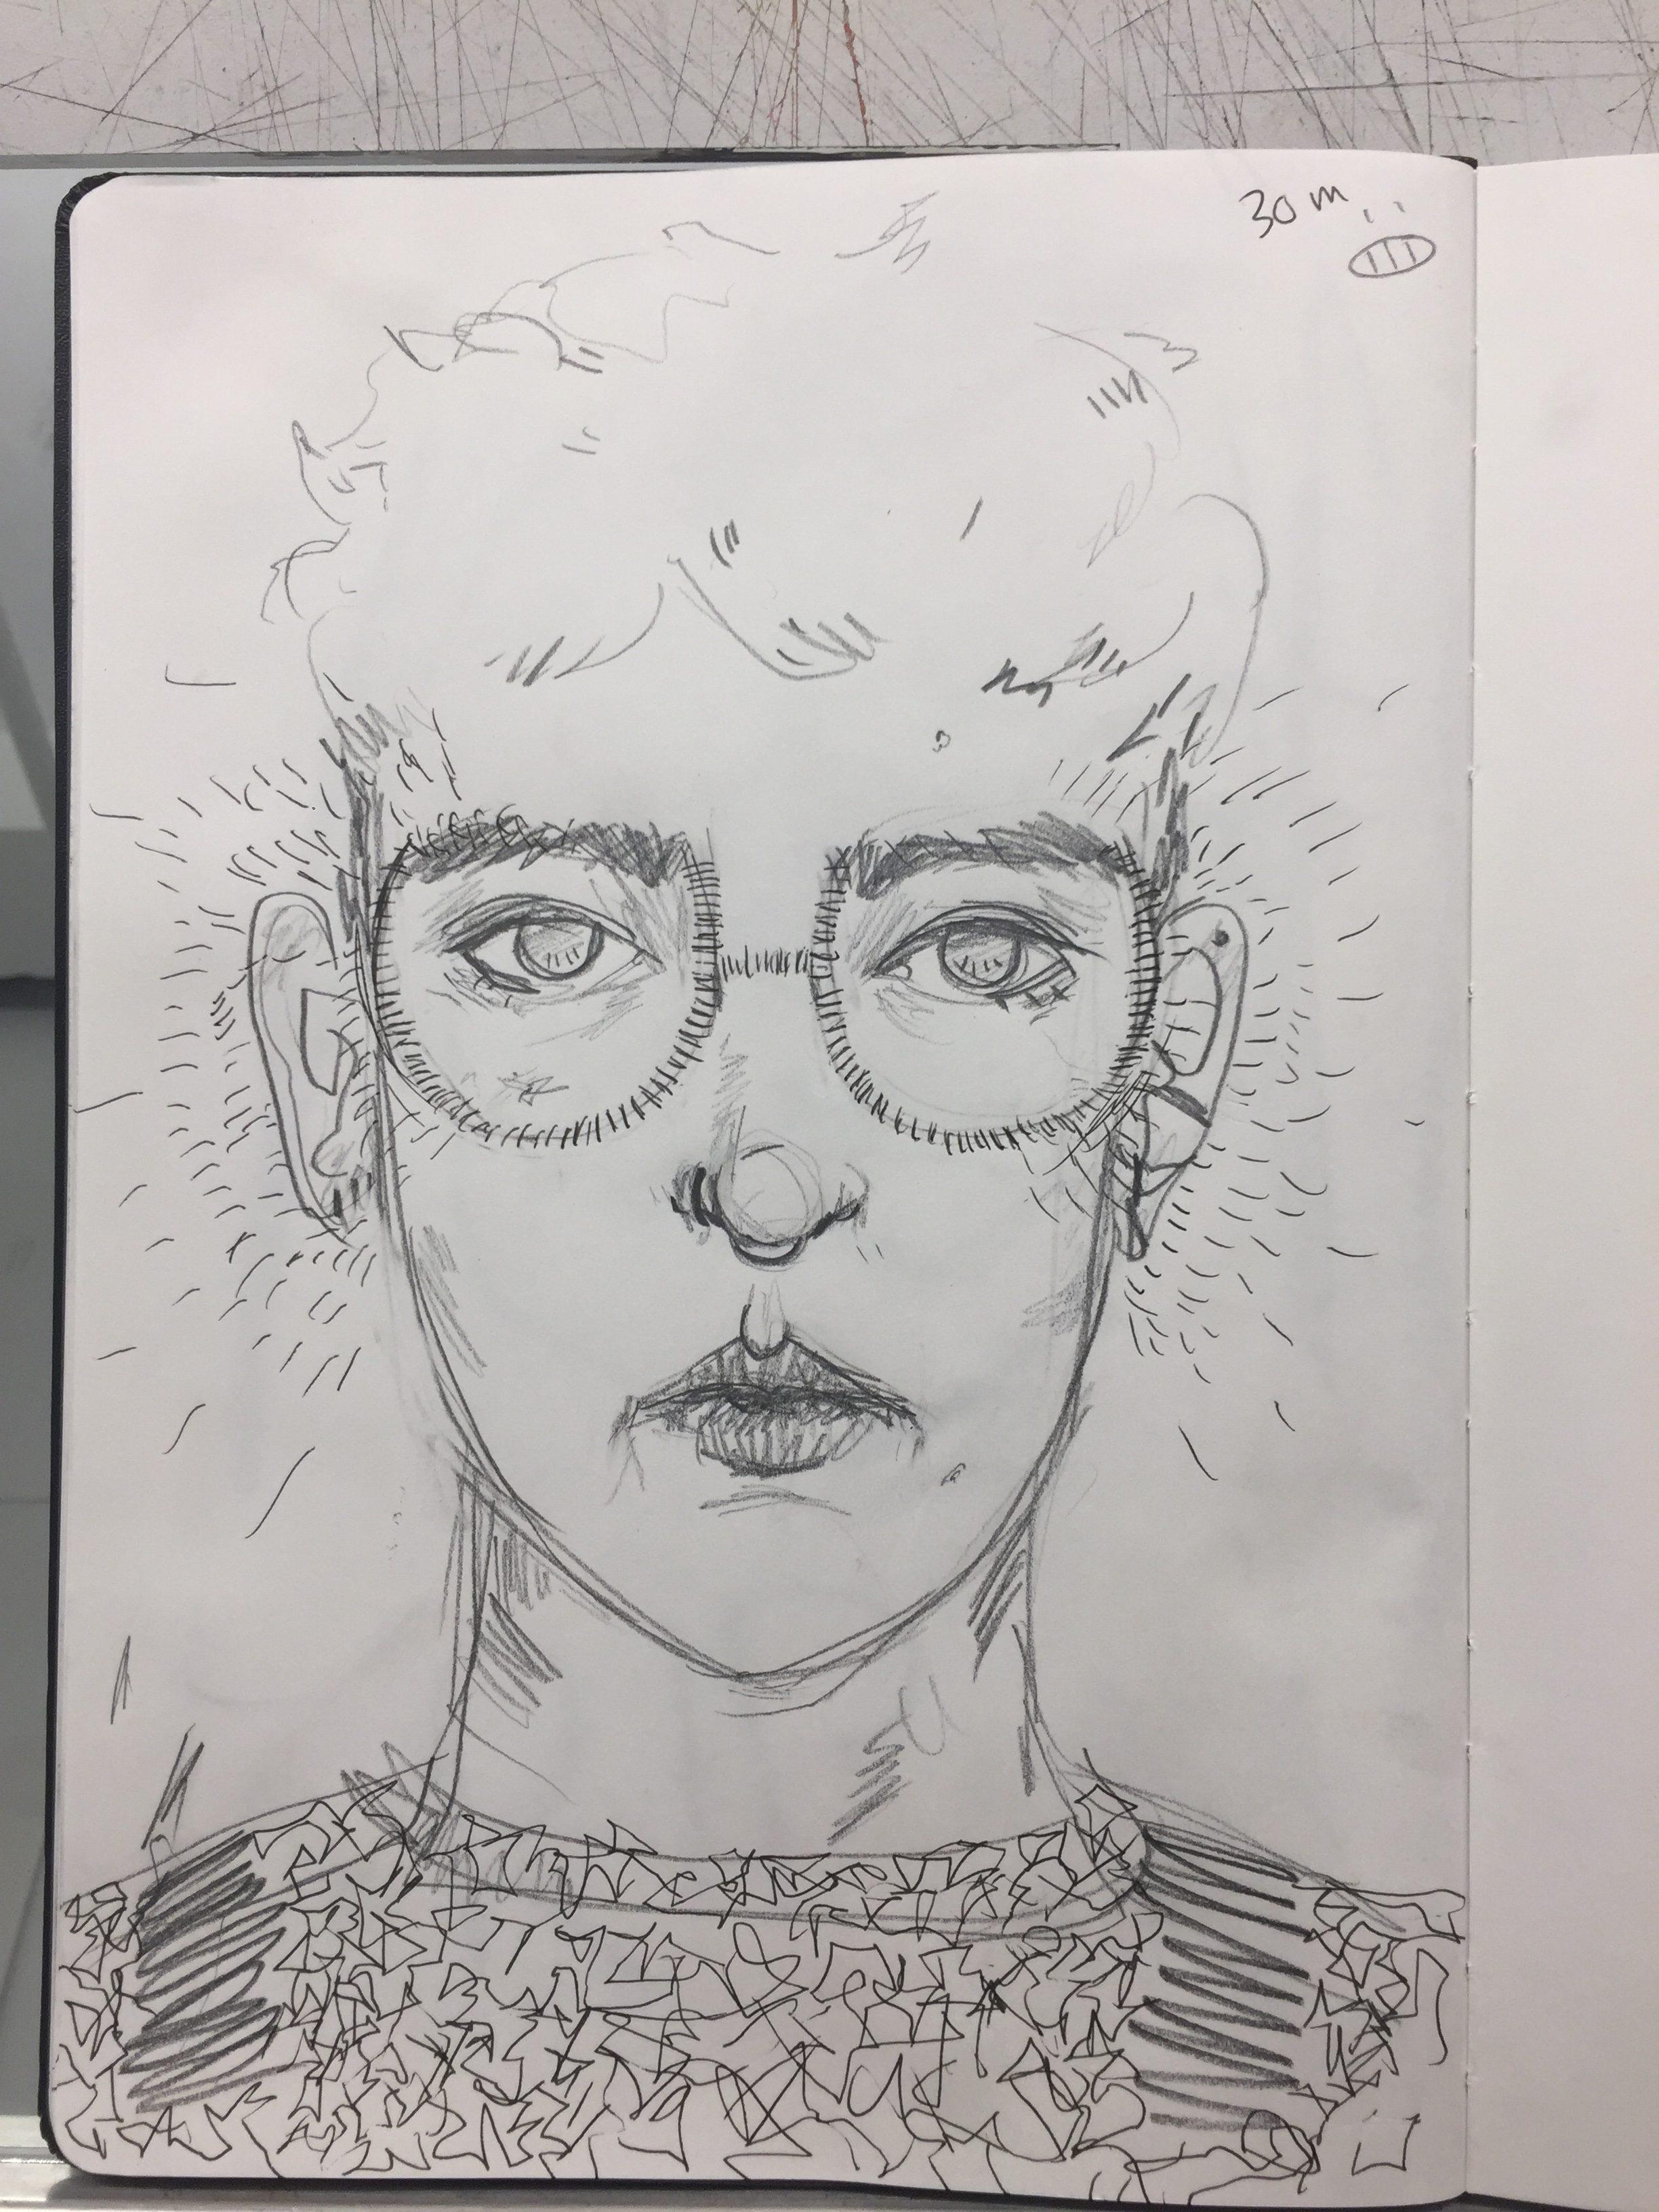 Self Portrait Exercise: Blind Contours